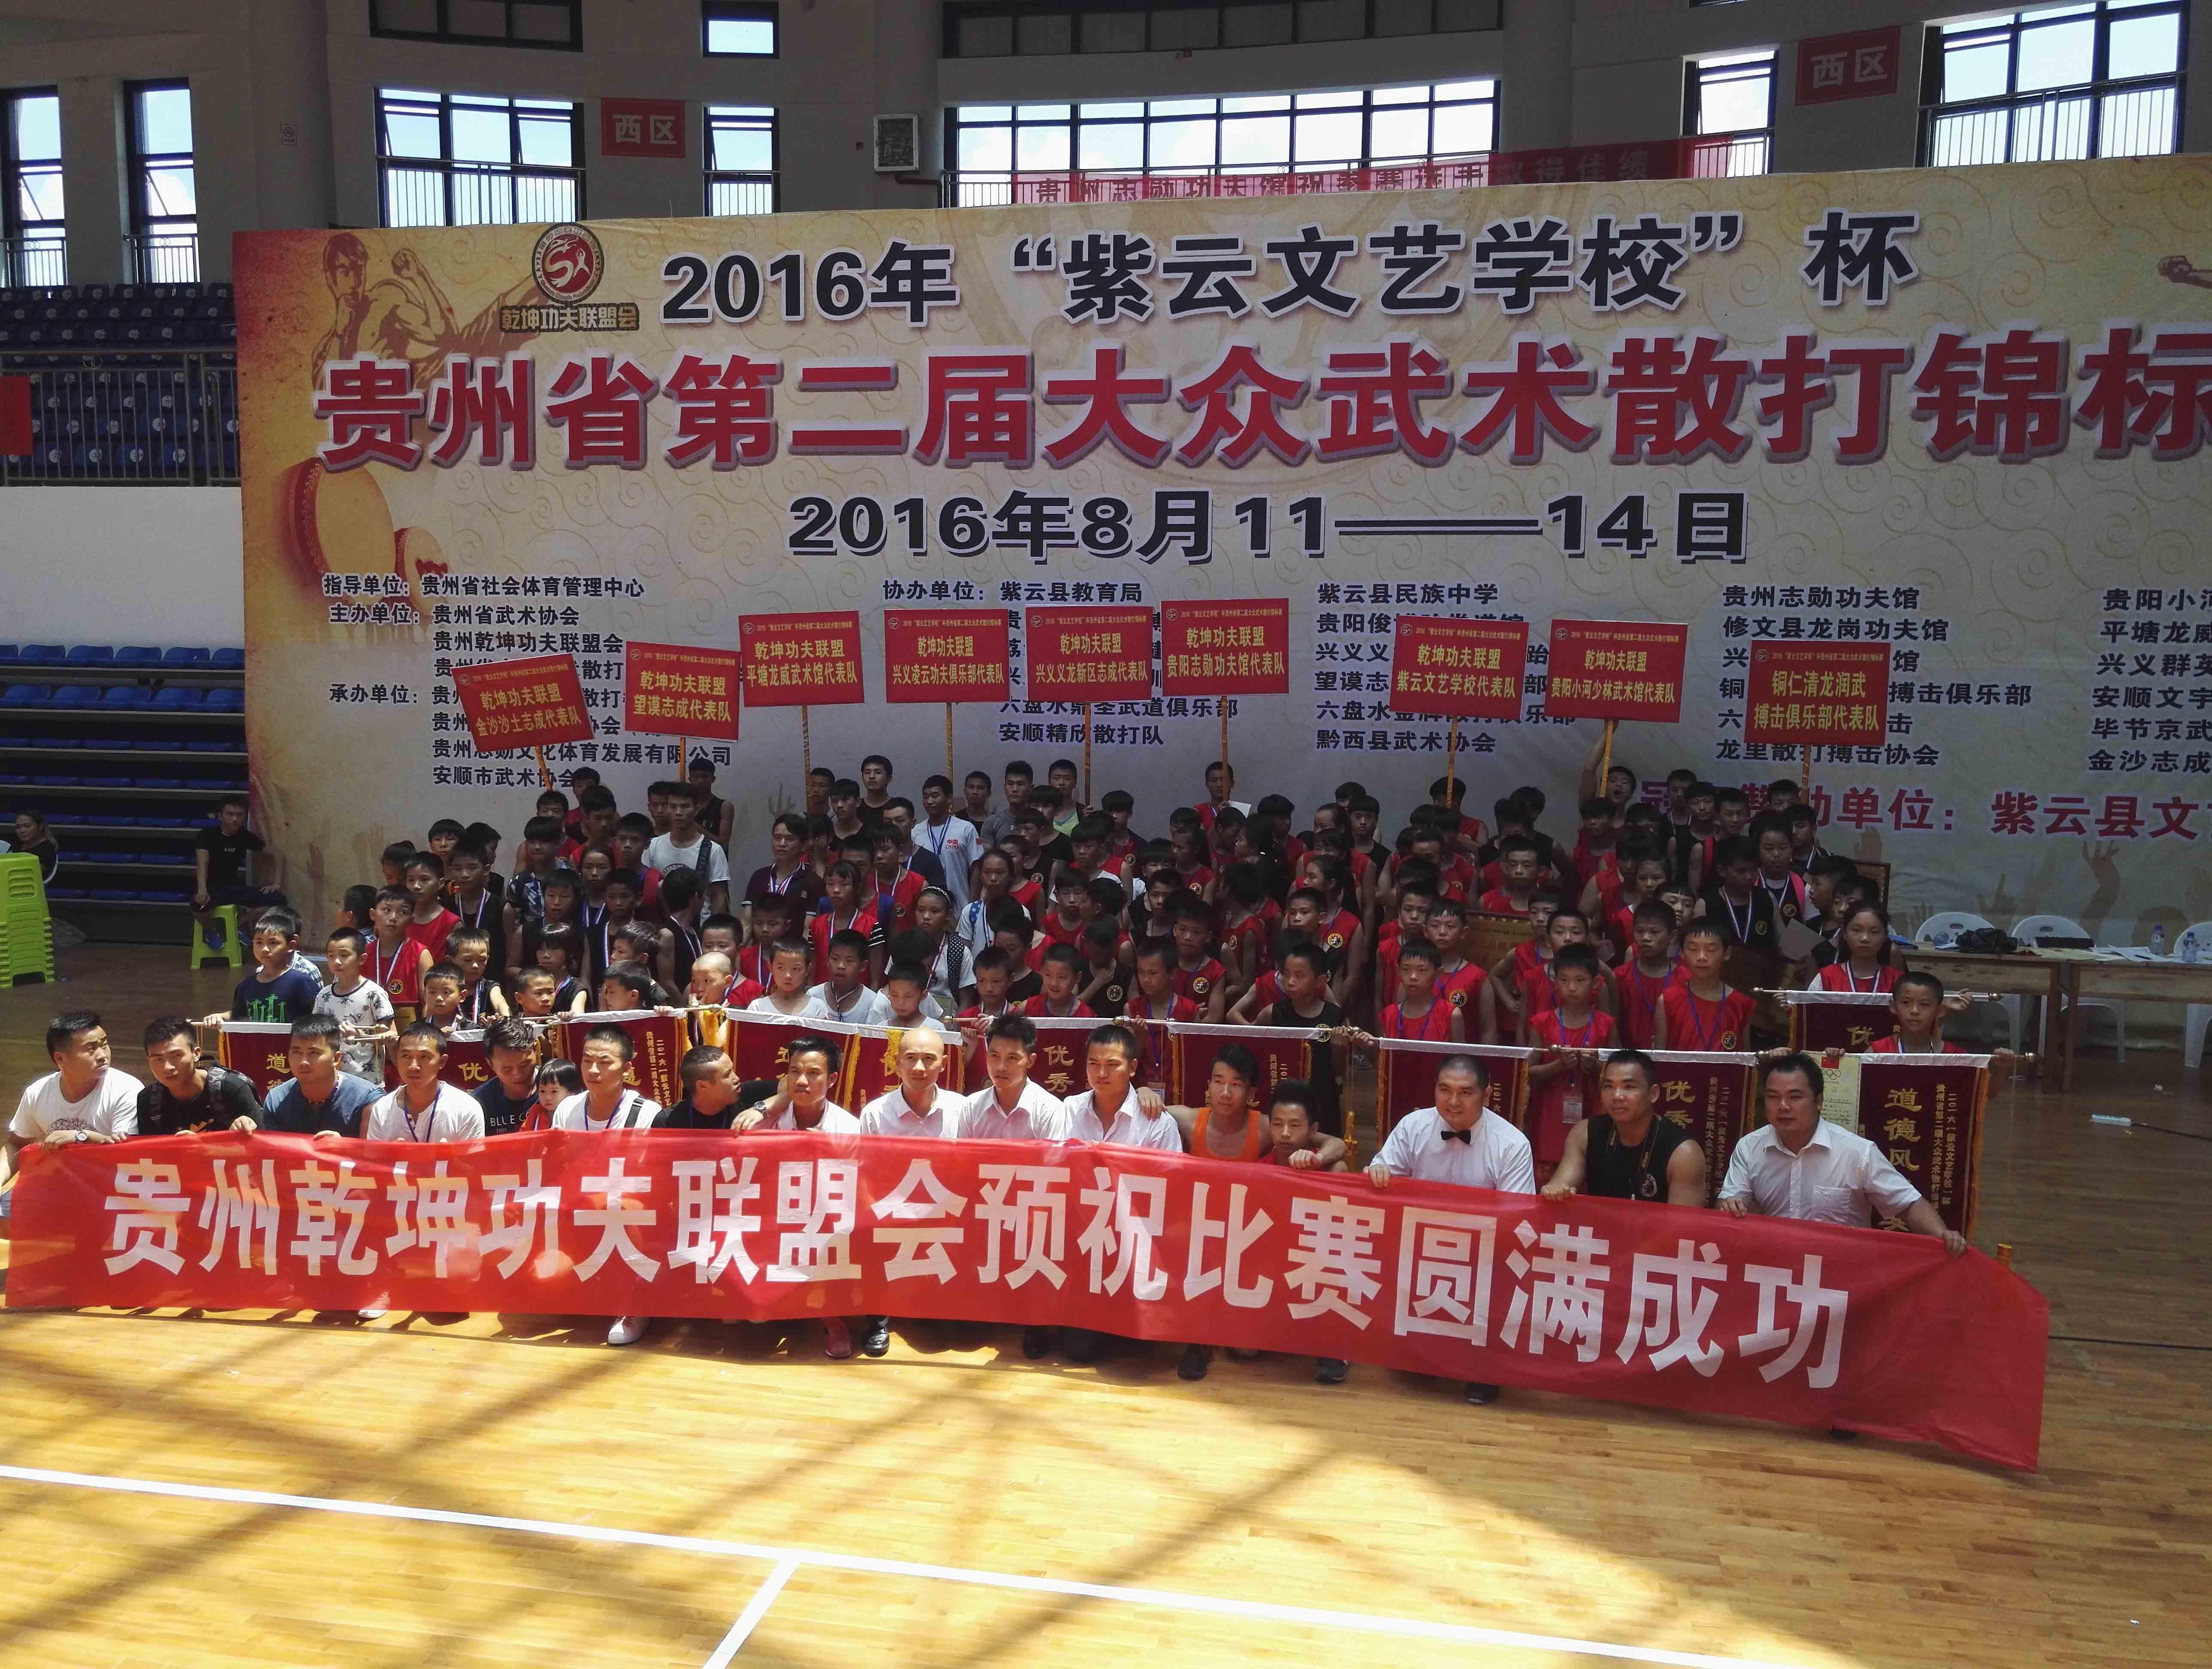 2016贵州省第二届大众武术散打锦标赛乾坤功夫联盟会参赛队员合影